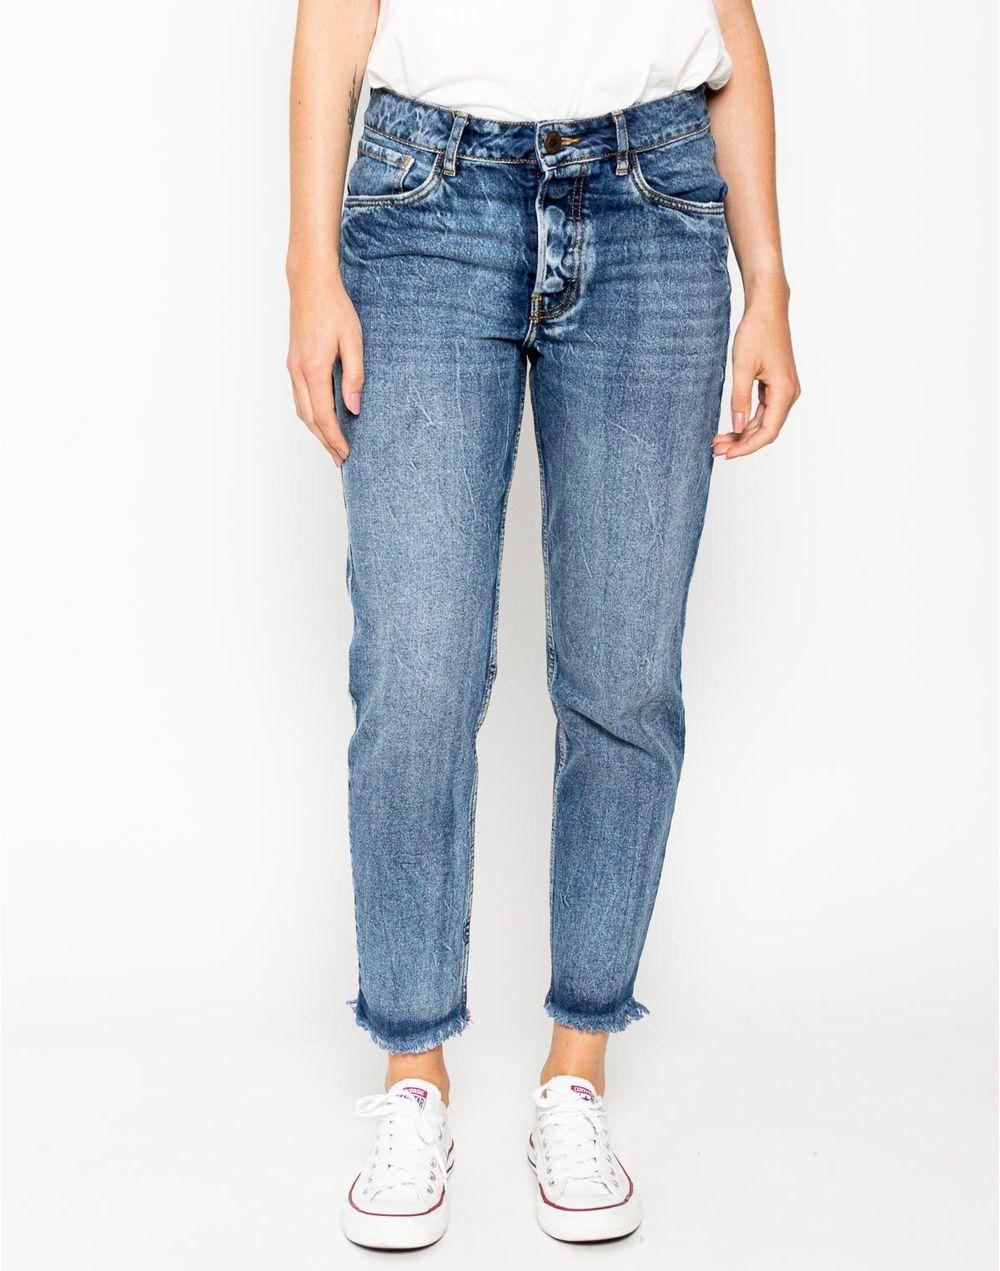 jeans-130410-azul-1.jpg